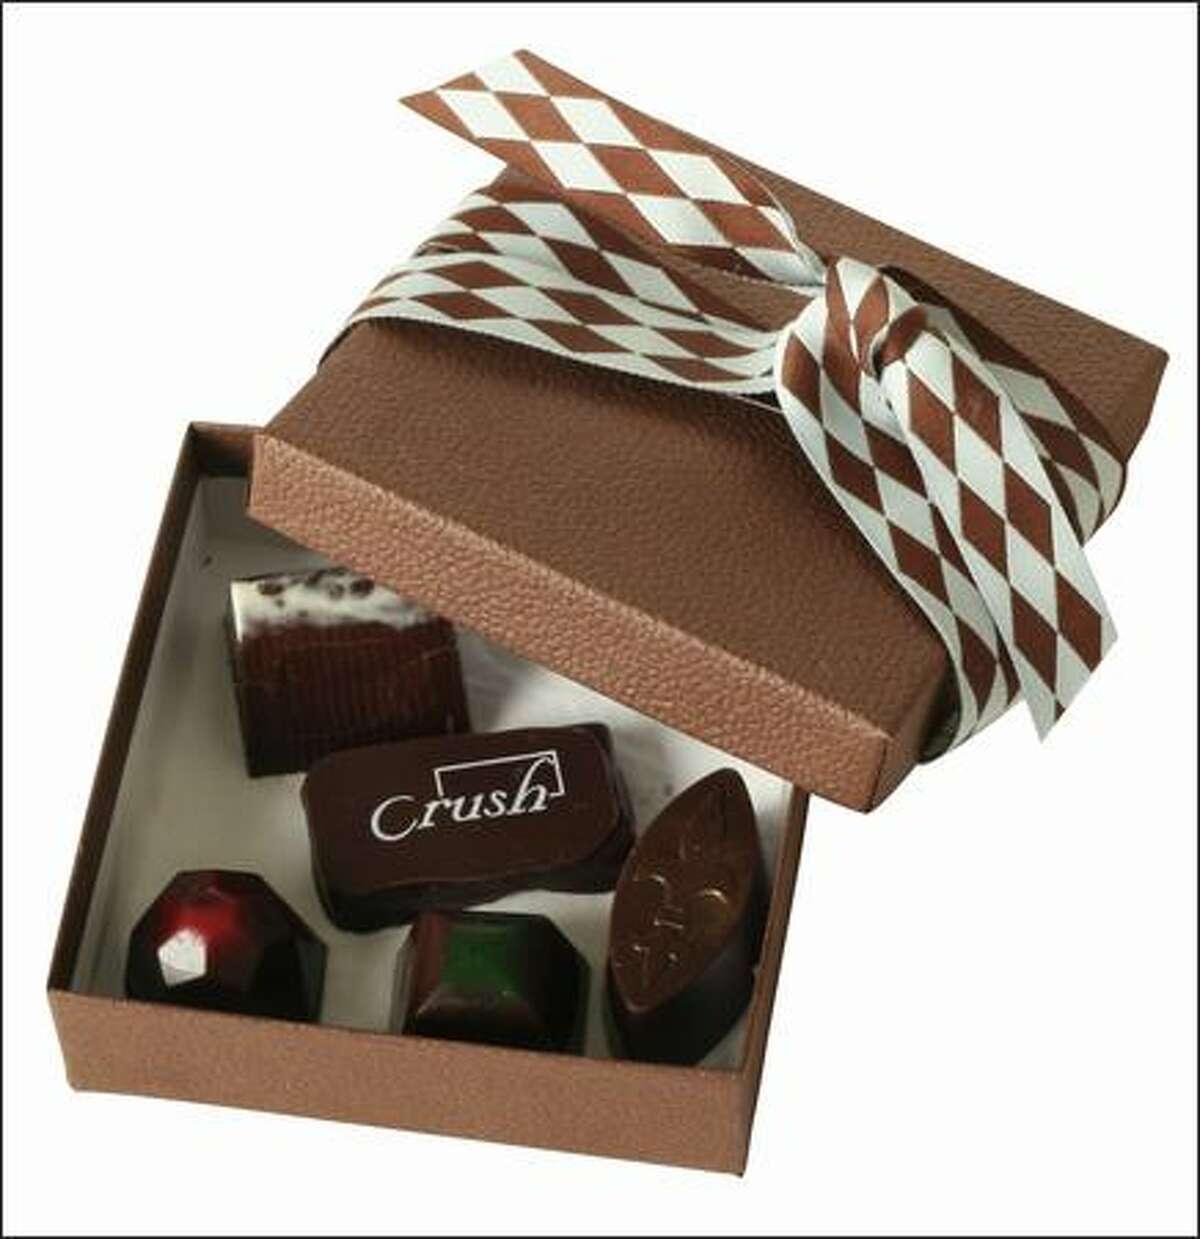 Chocolates by Crush